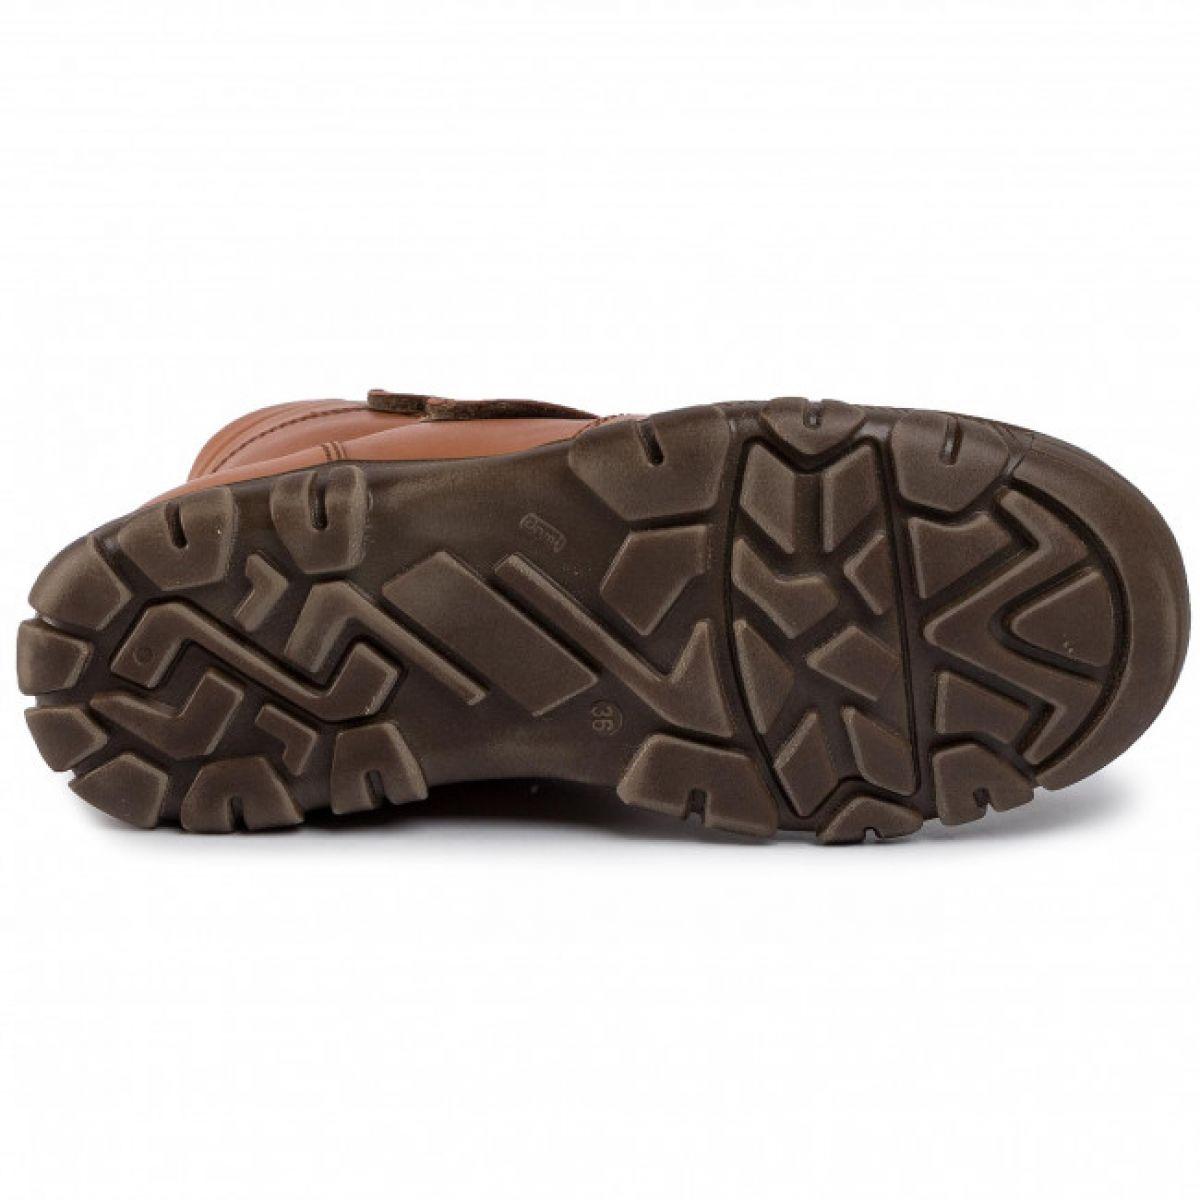 Cizme din piele căptuşite cu blană de miel închidere cu dublu velcro şi talpă extra flexibilă Froddo Light Brown